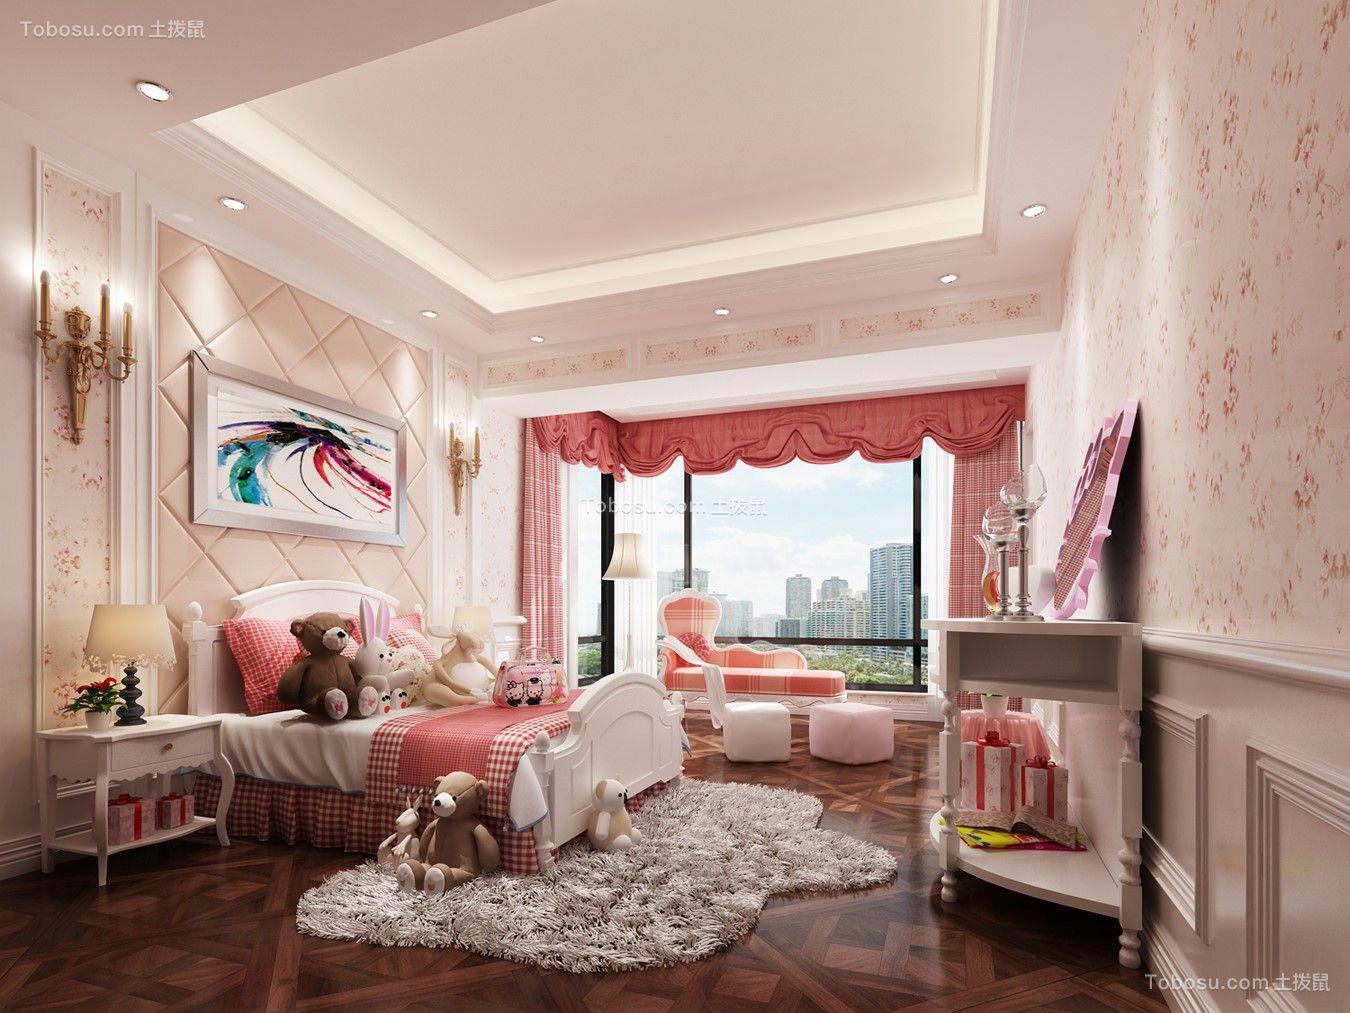 儿童房粉色窗帘新中式风格效果图